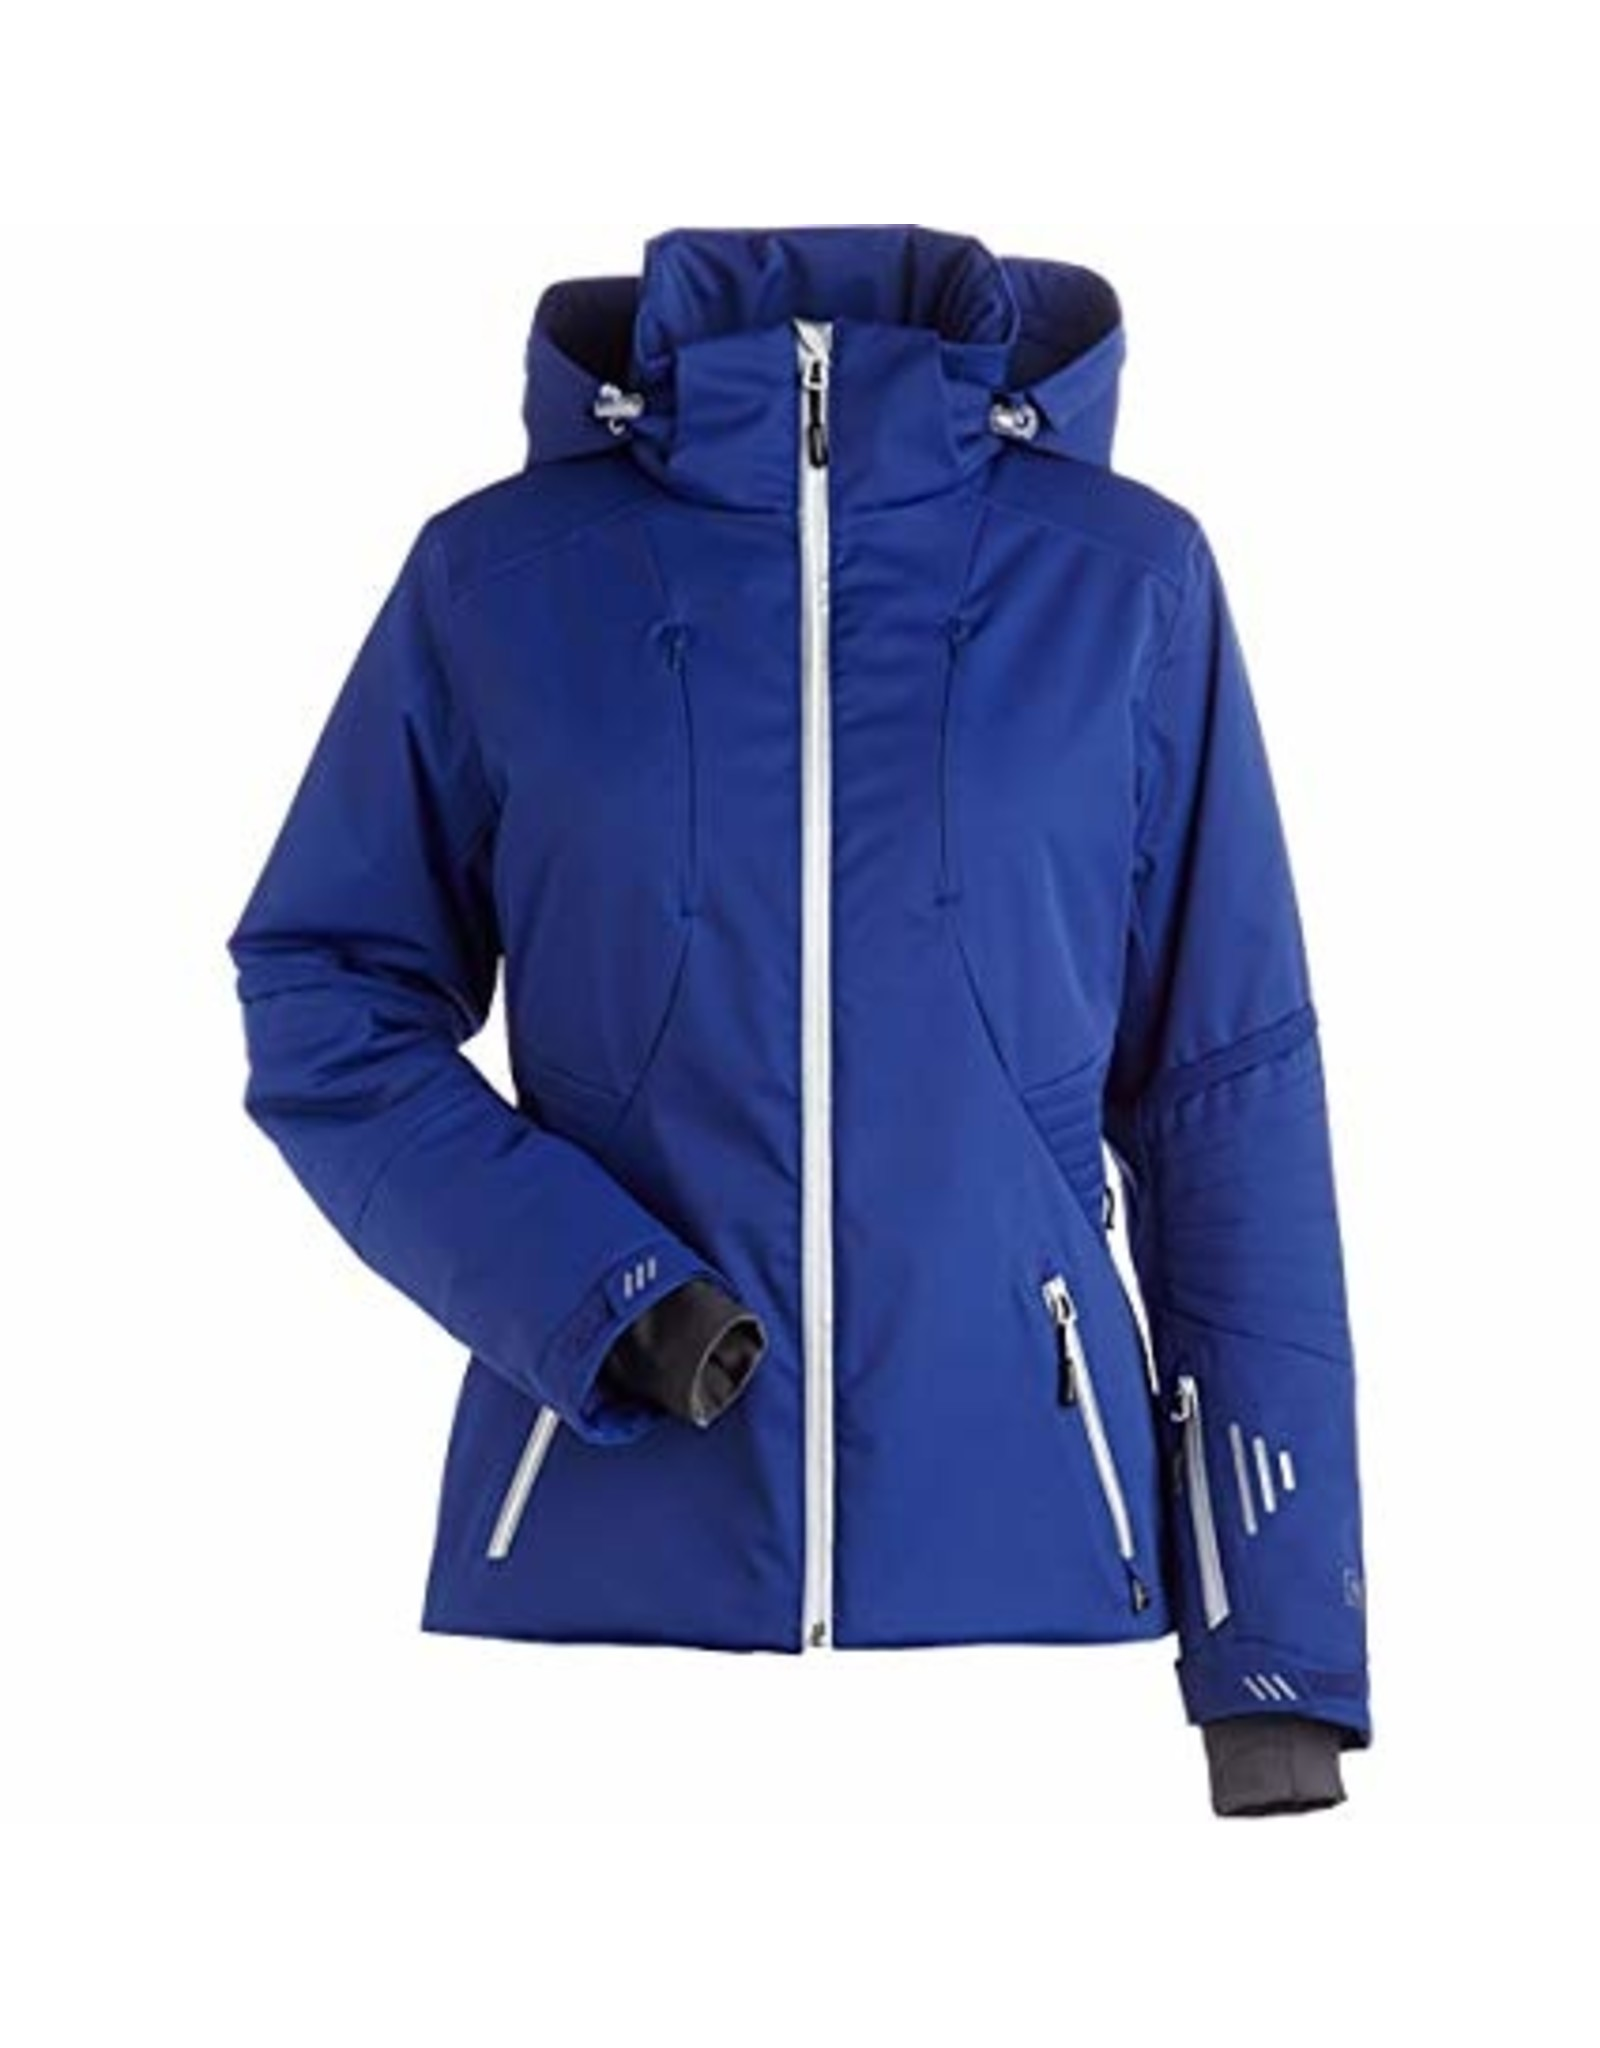 NILS NILS Estelle Women's Jacket